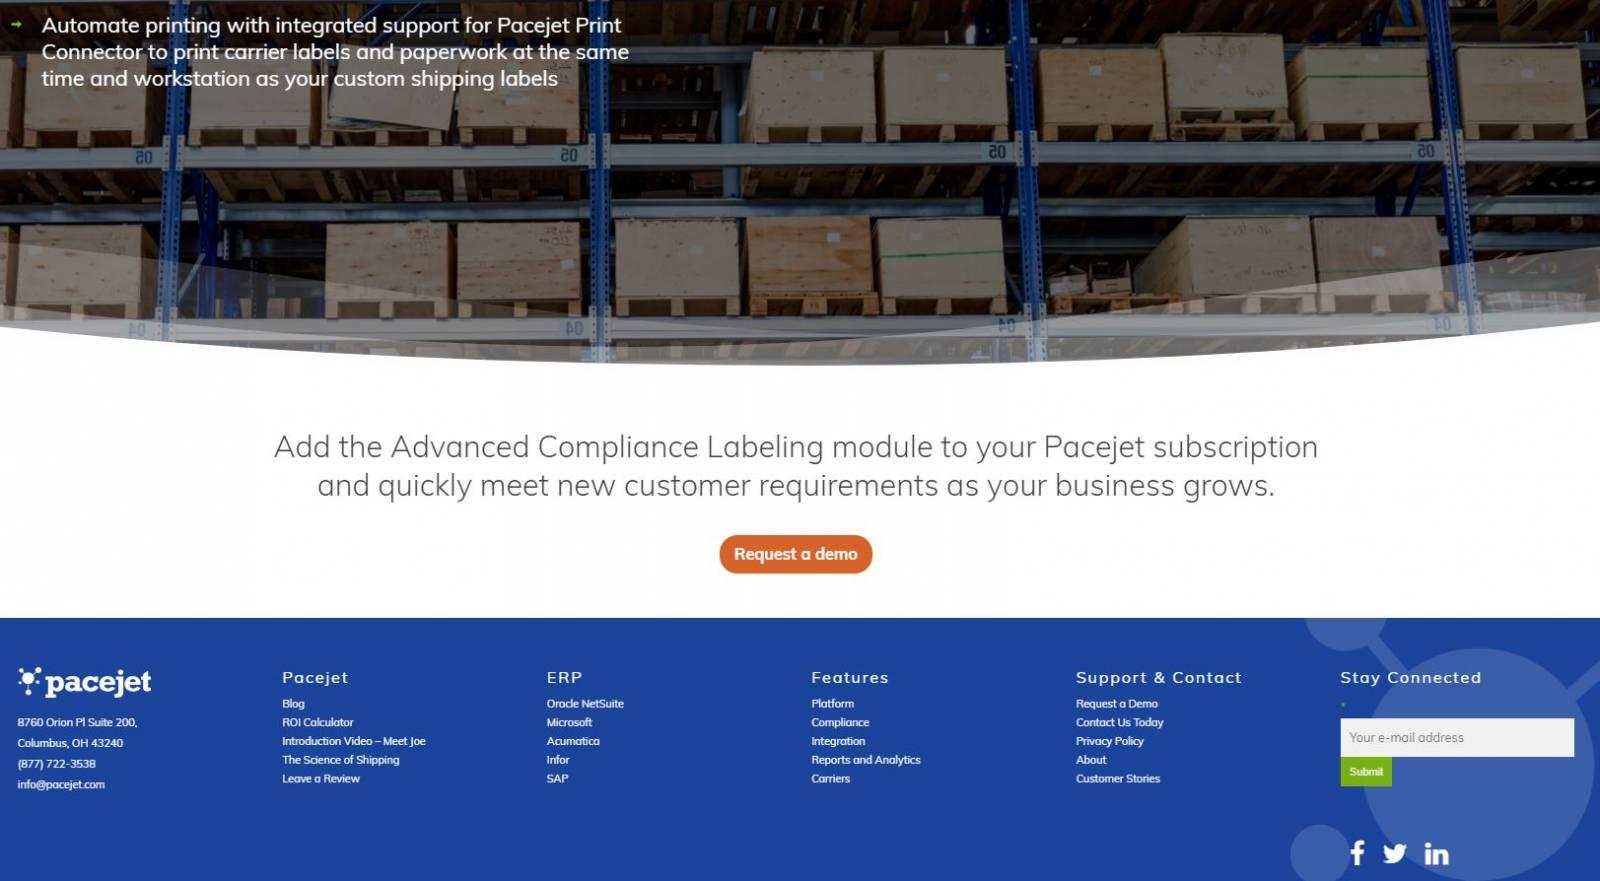 Pacejet website homepage